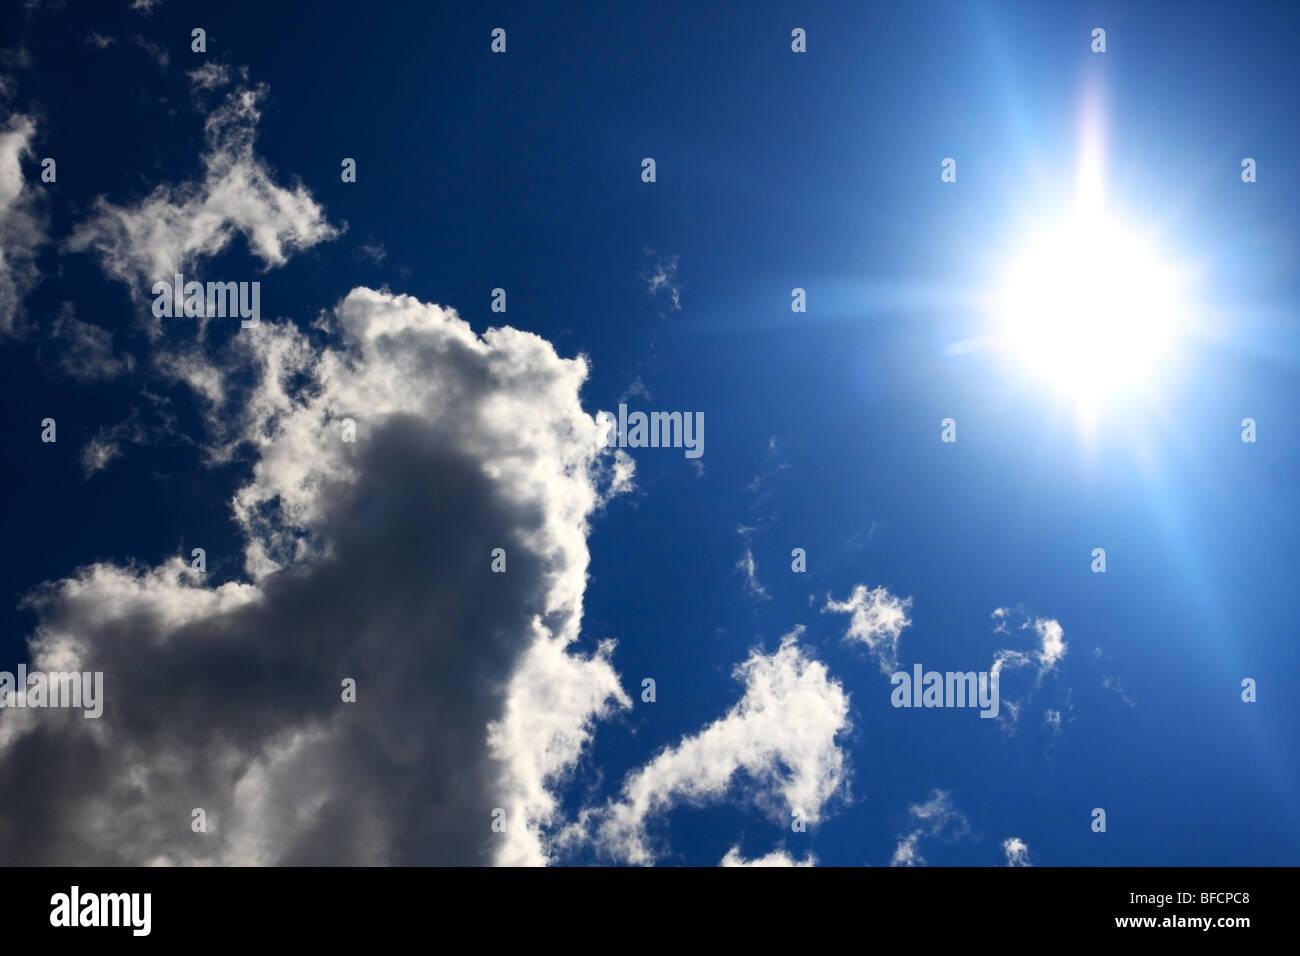 Ciel bleu, nuages et soleil. Personne n. Photo Stock